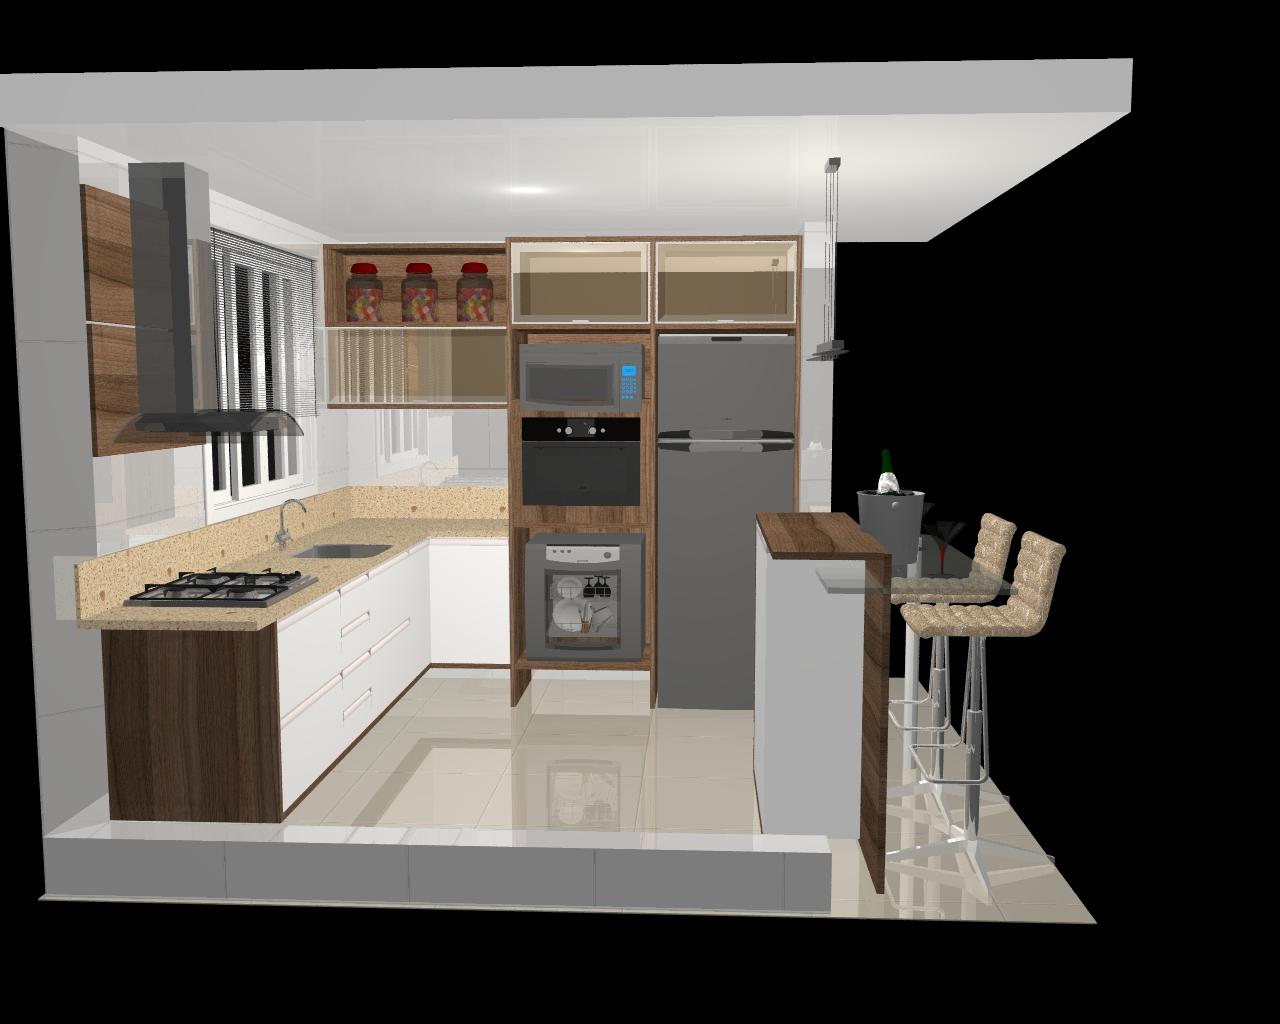 #1279B9 Estilo Casa & Decoração: Projeto dos móveis da cozinha 1280x1024 px Projetos Para Moveis De Cozinha #909 imagens